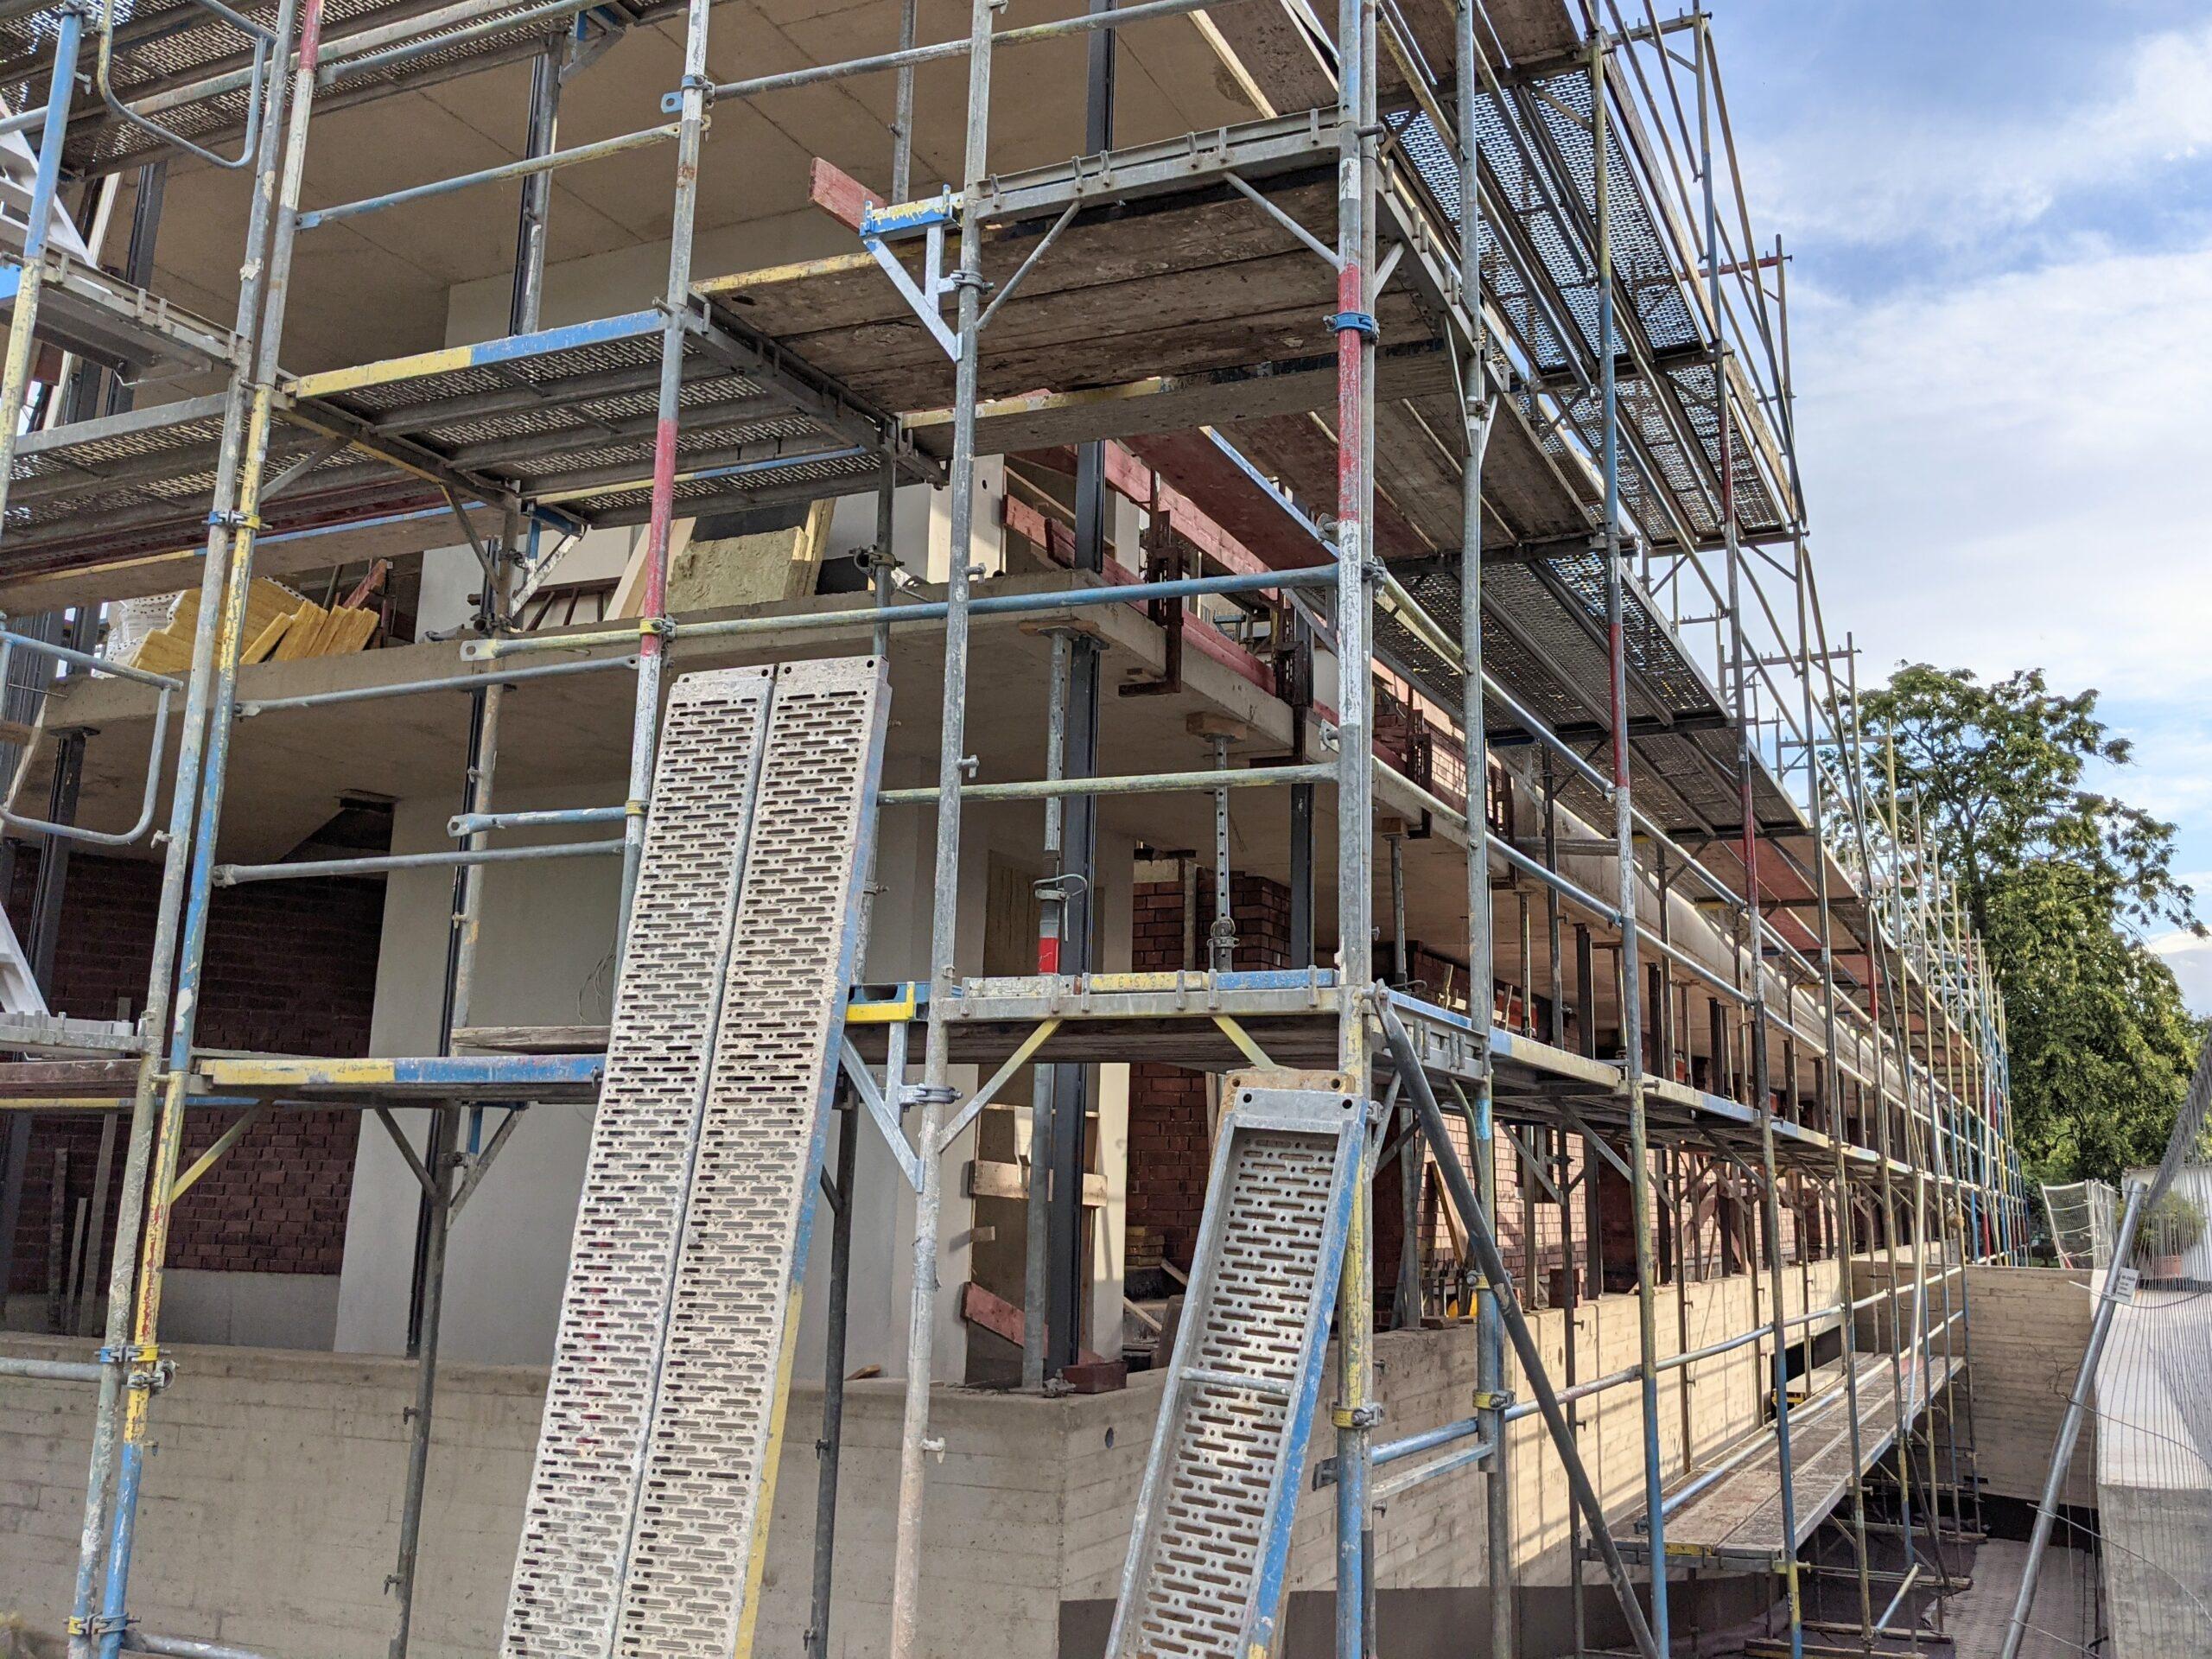 Baulandrichtlinie für Pulheim entwickelt und verabschiedet